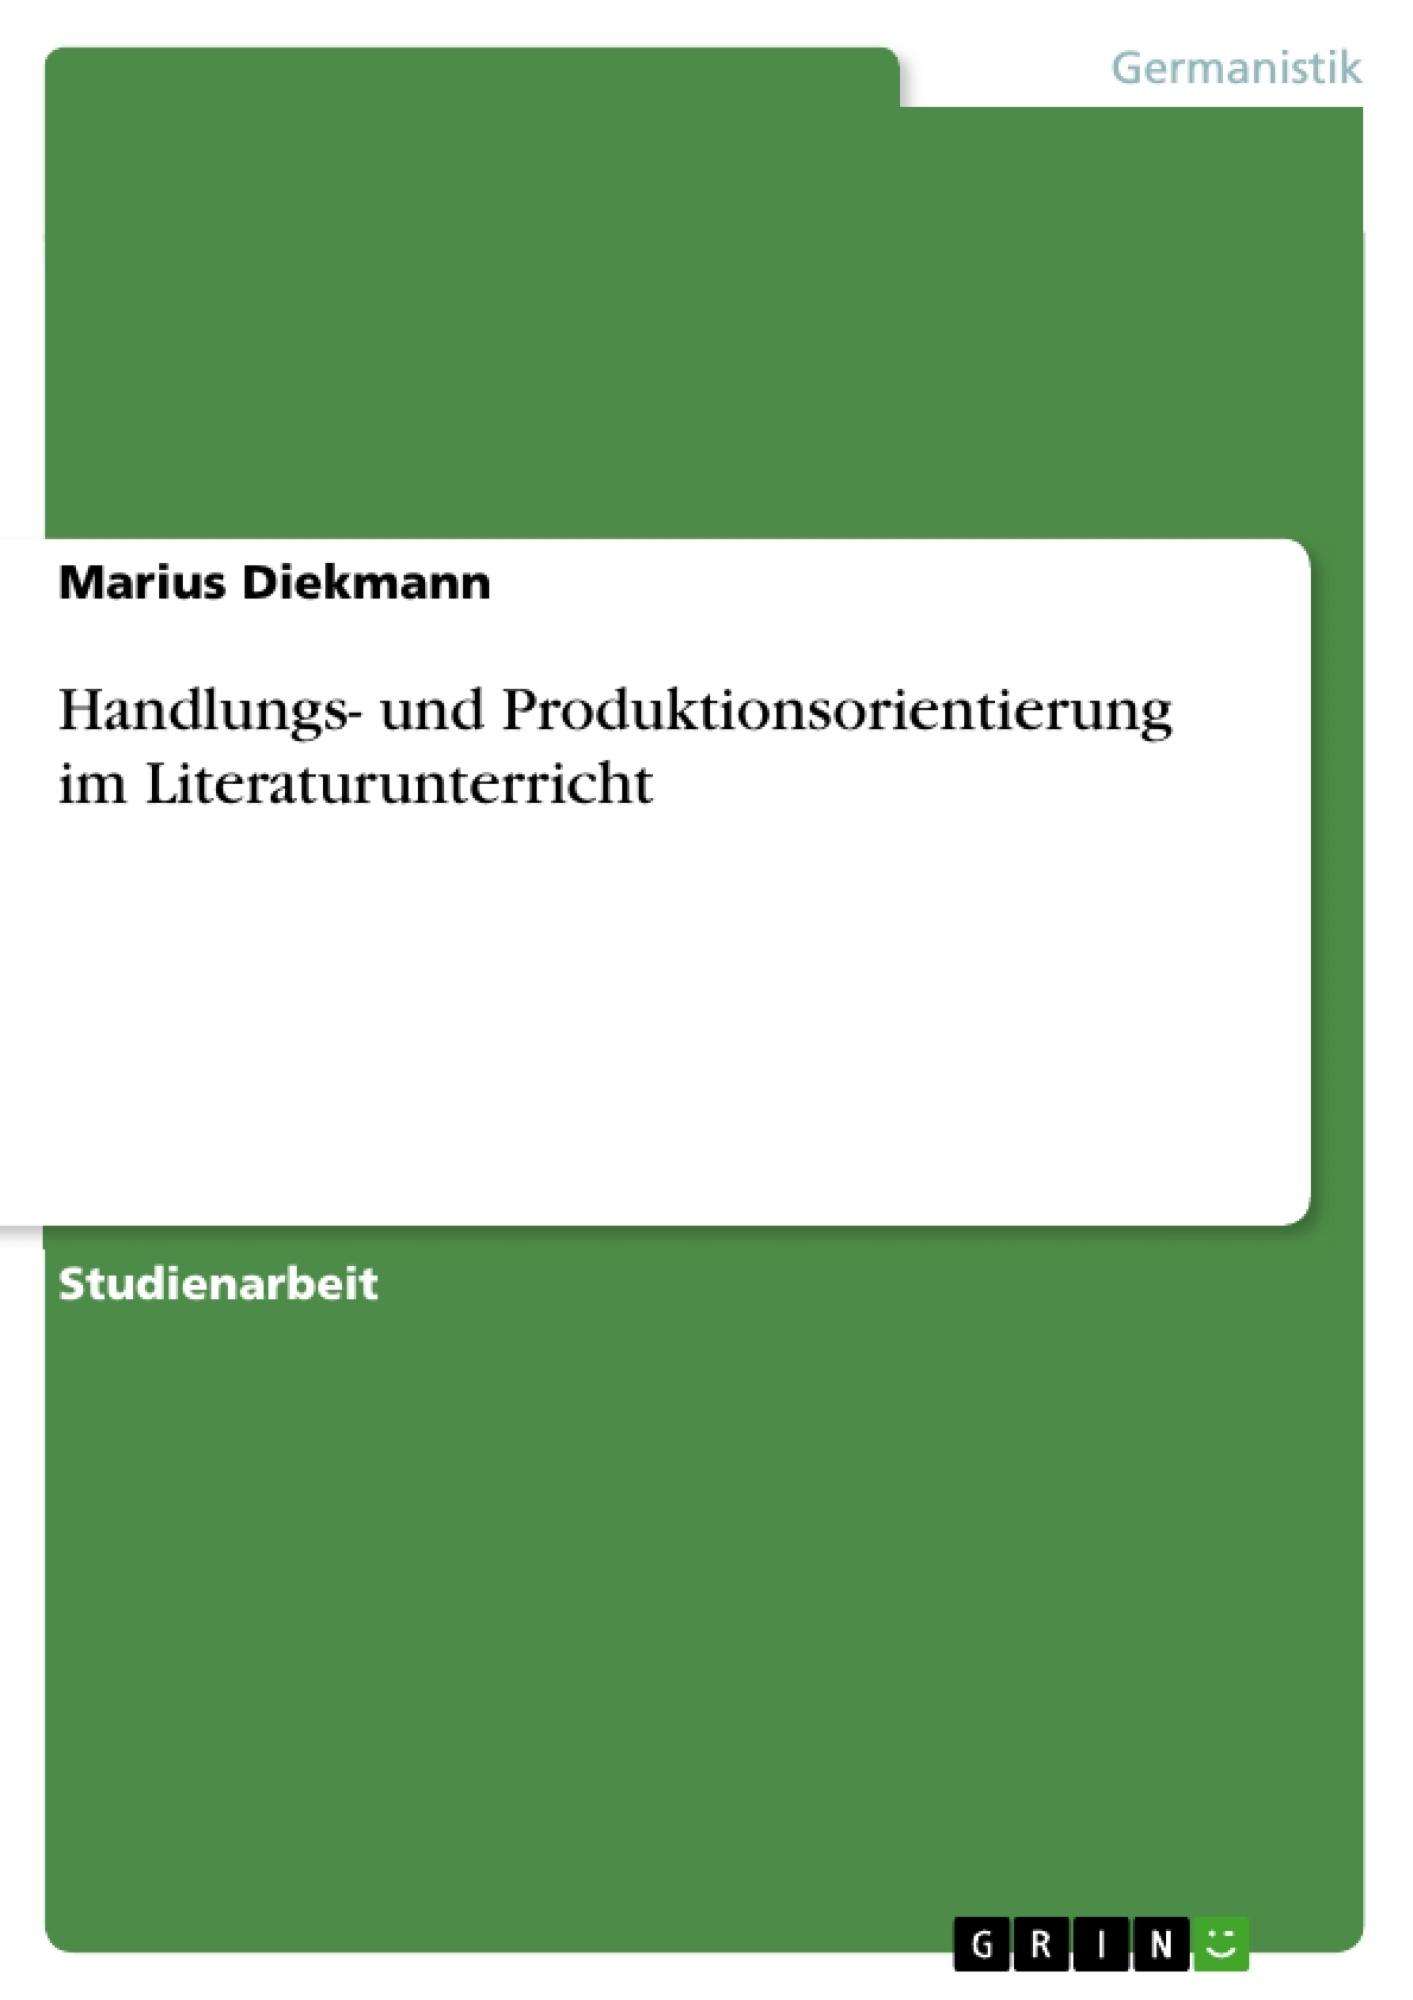 Titel: Handlungs- und Produktionsorientierung im Literaturunterricht